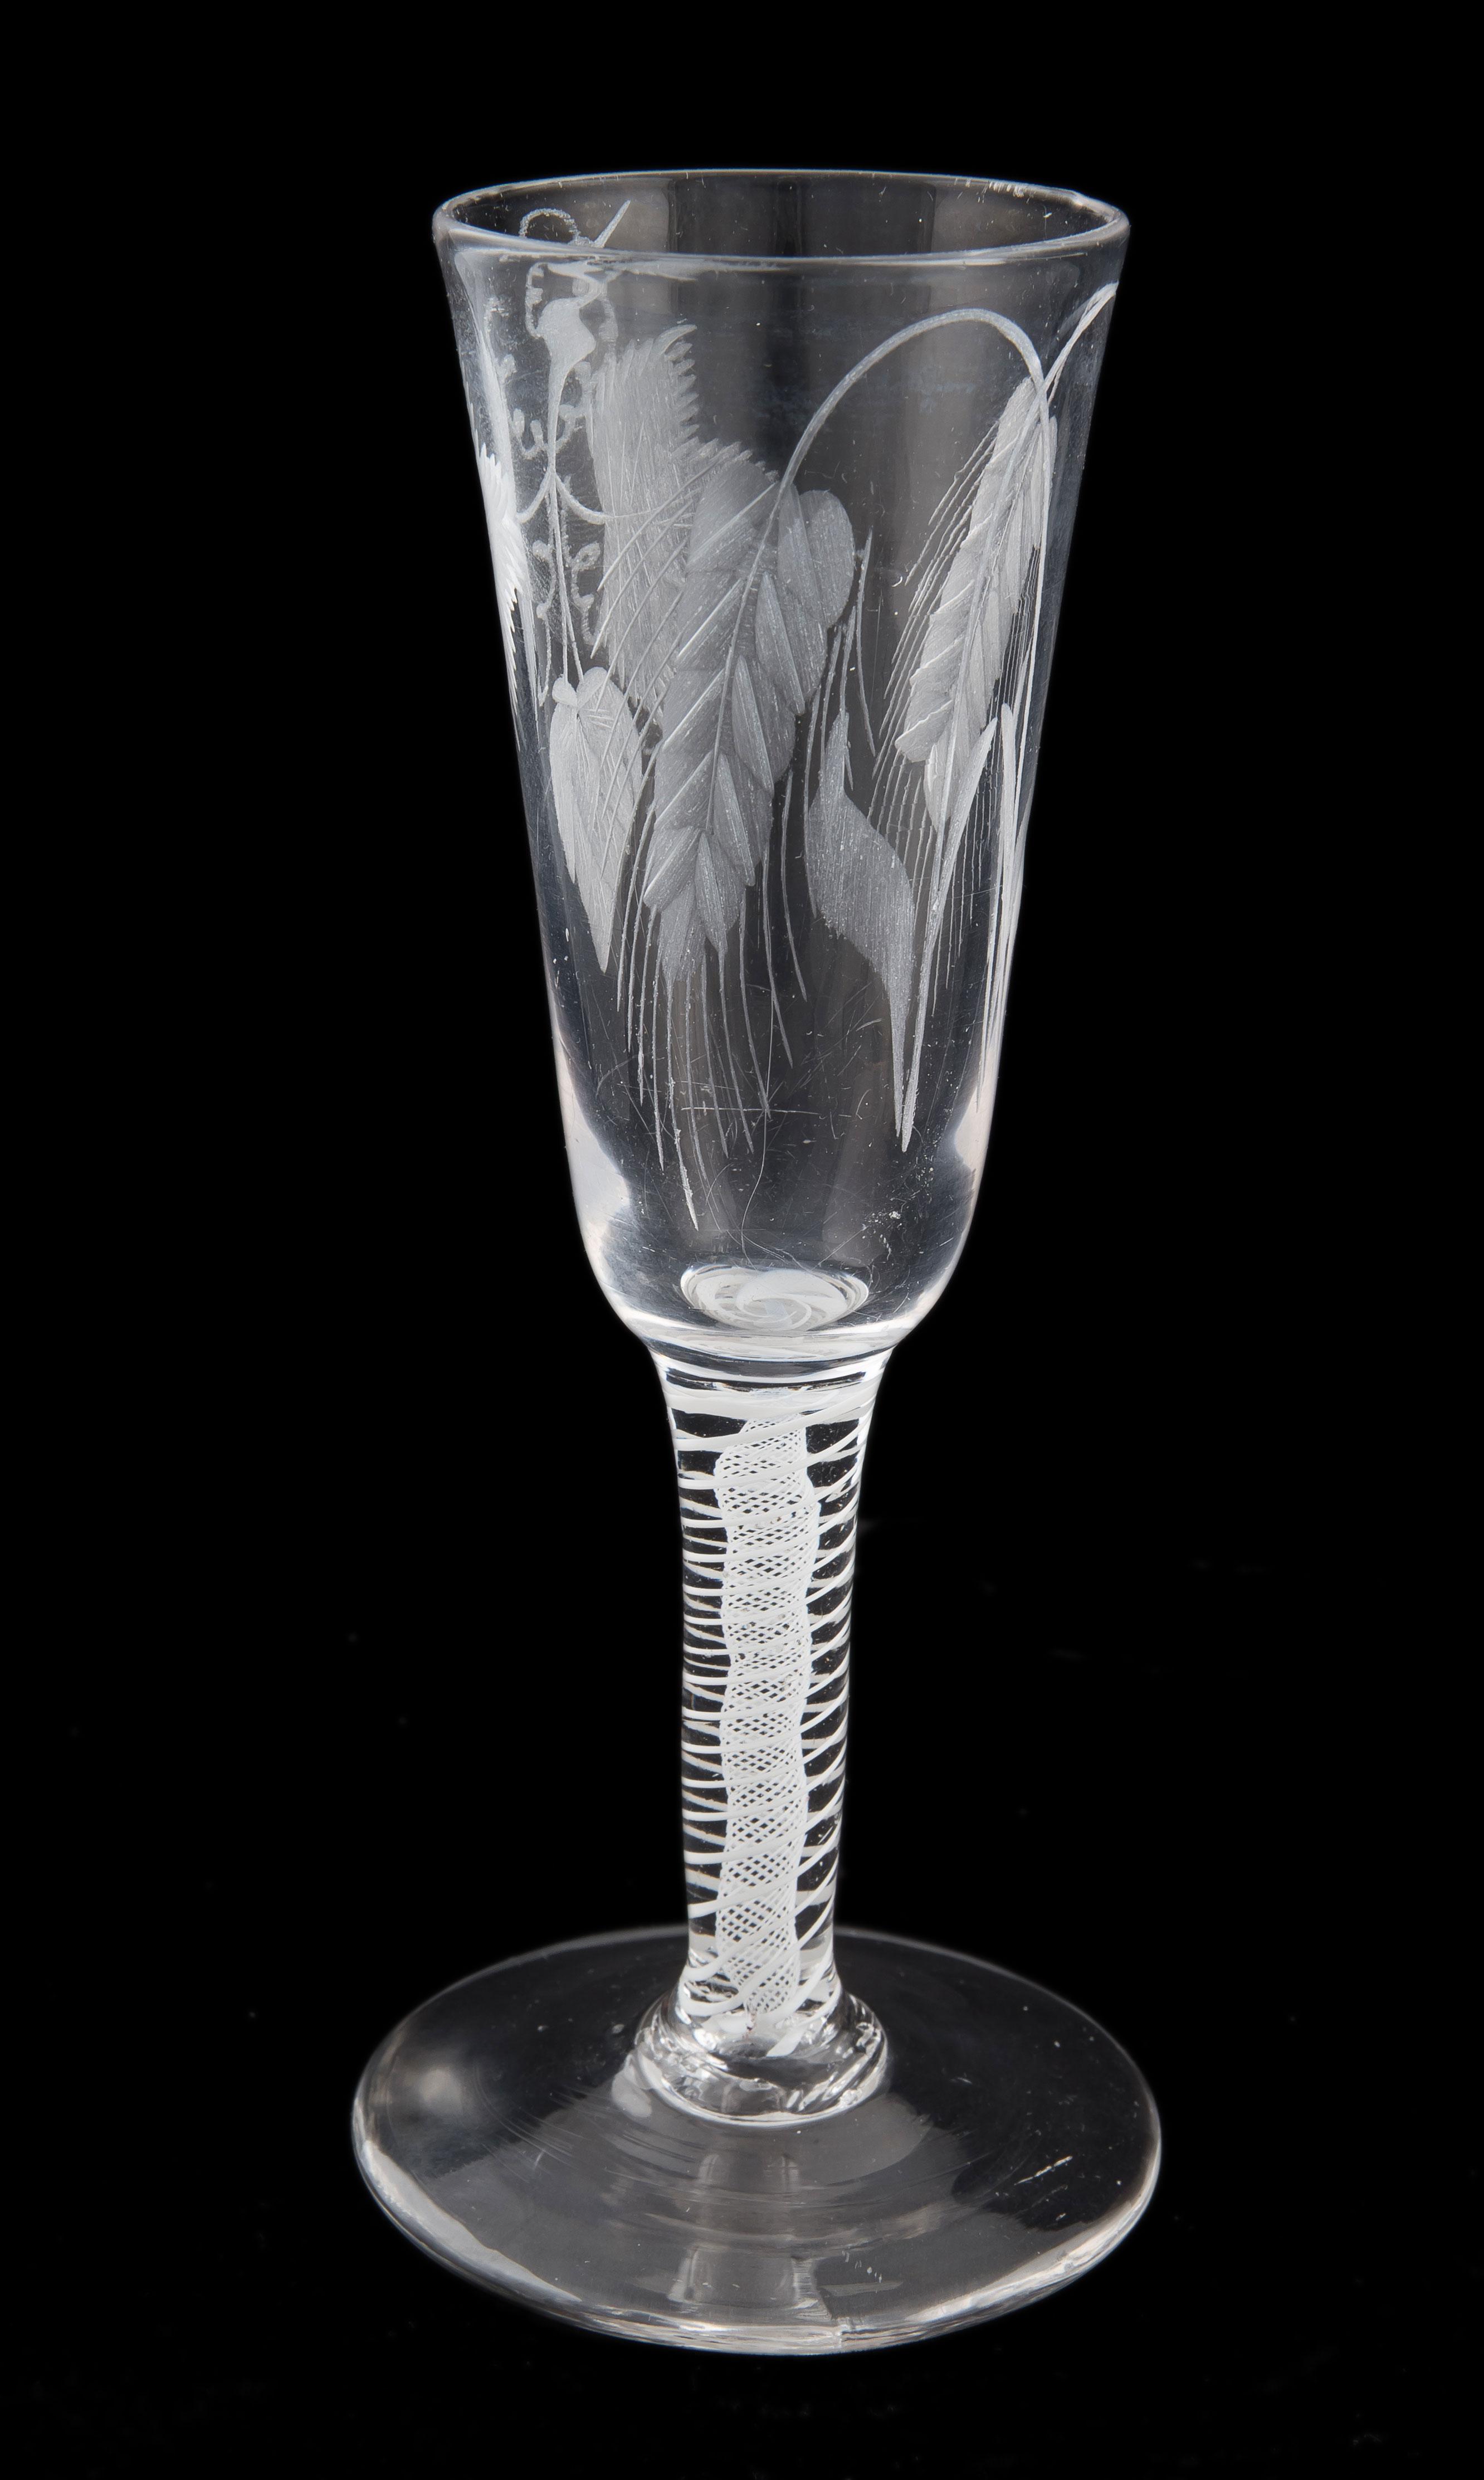 Kieliszek do piwa typu Ale, Anglia, ok. 1760-1780 r.